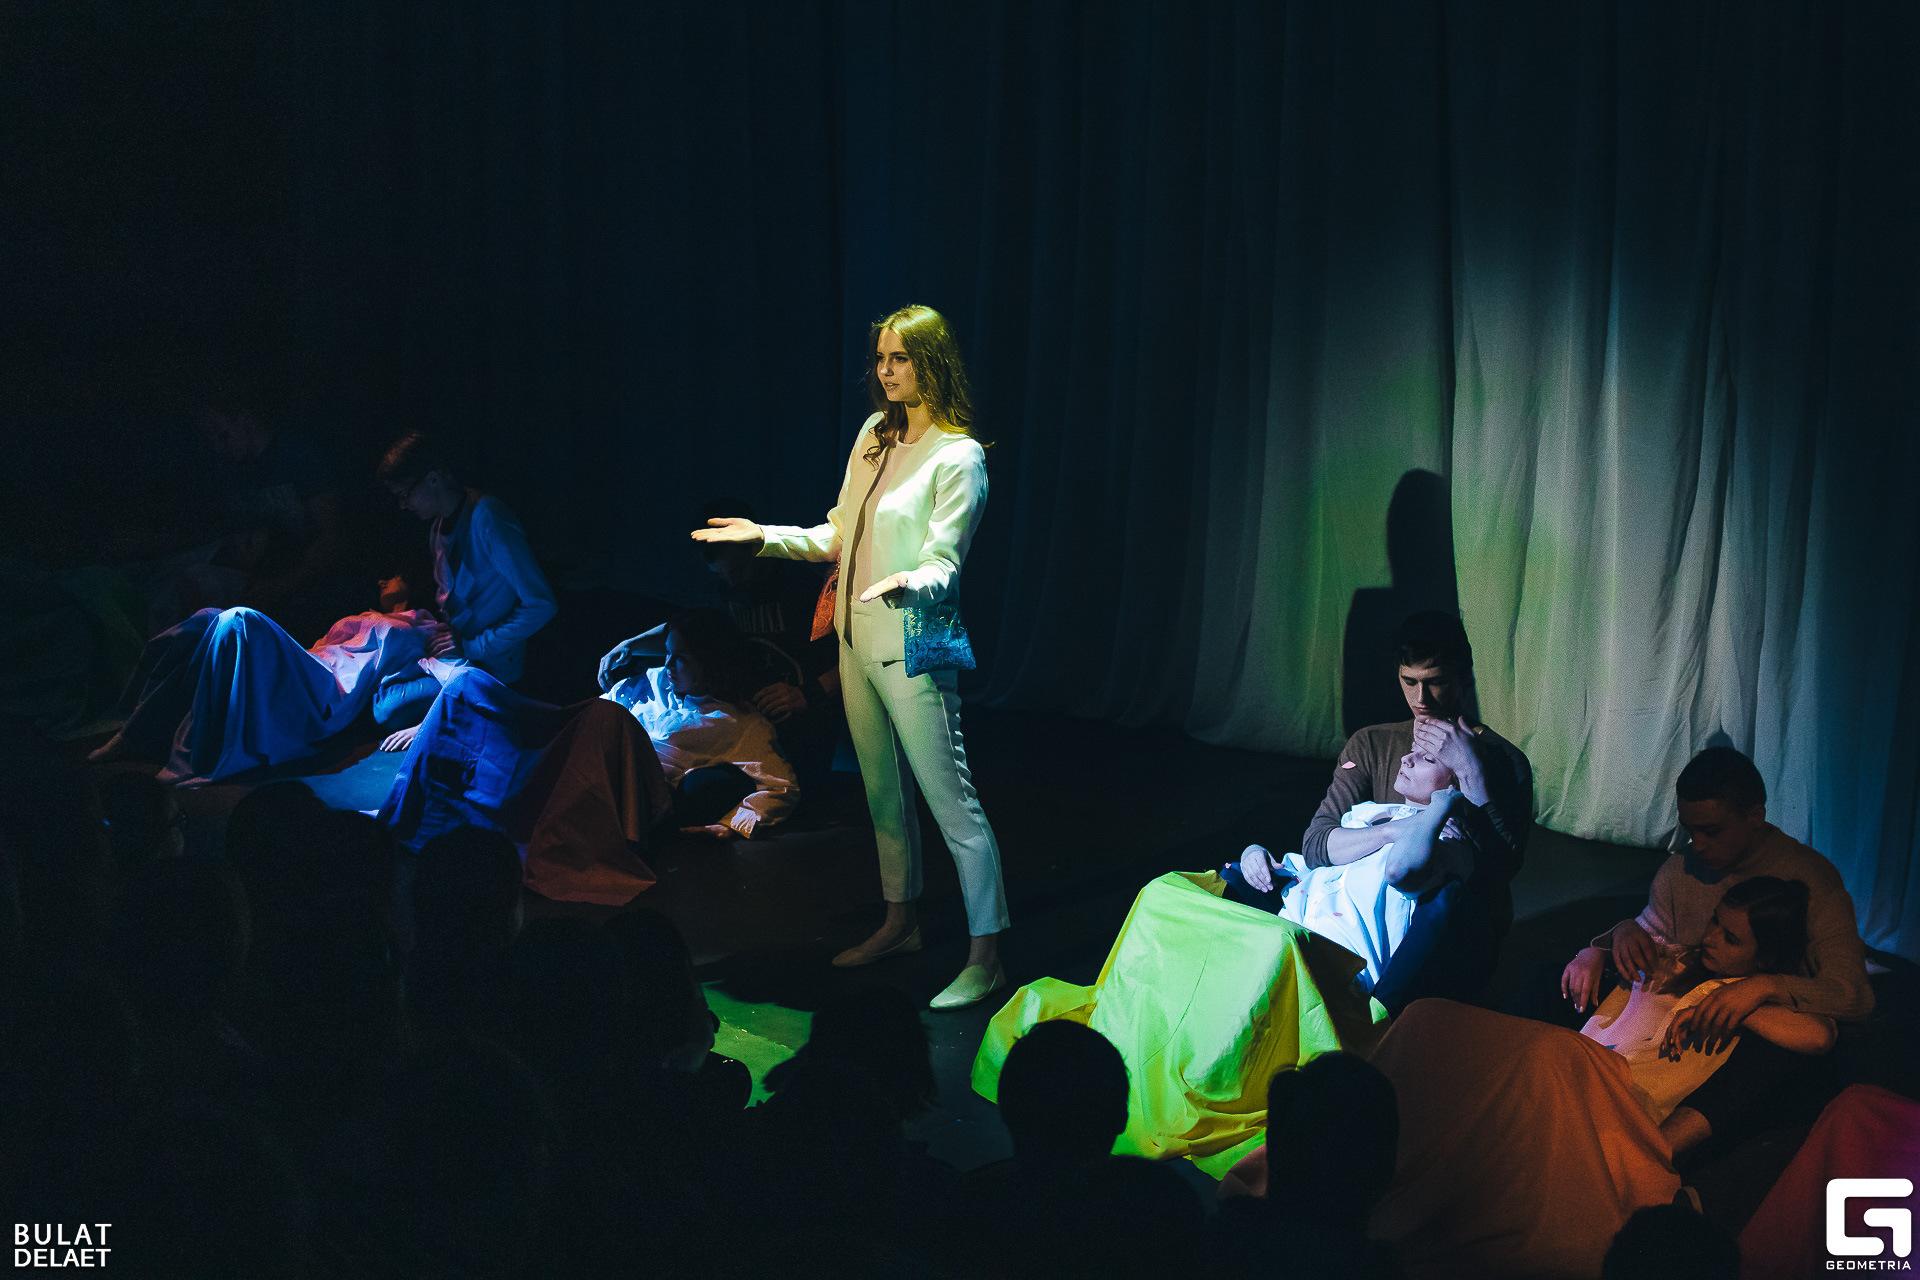 В Тамбовском драмтеатре пройдёт концерт жестовой песни: в репертуаре Земфира, Дима Билан, группа «Кино»